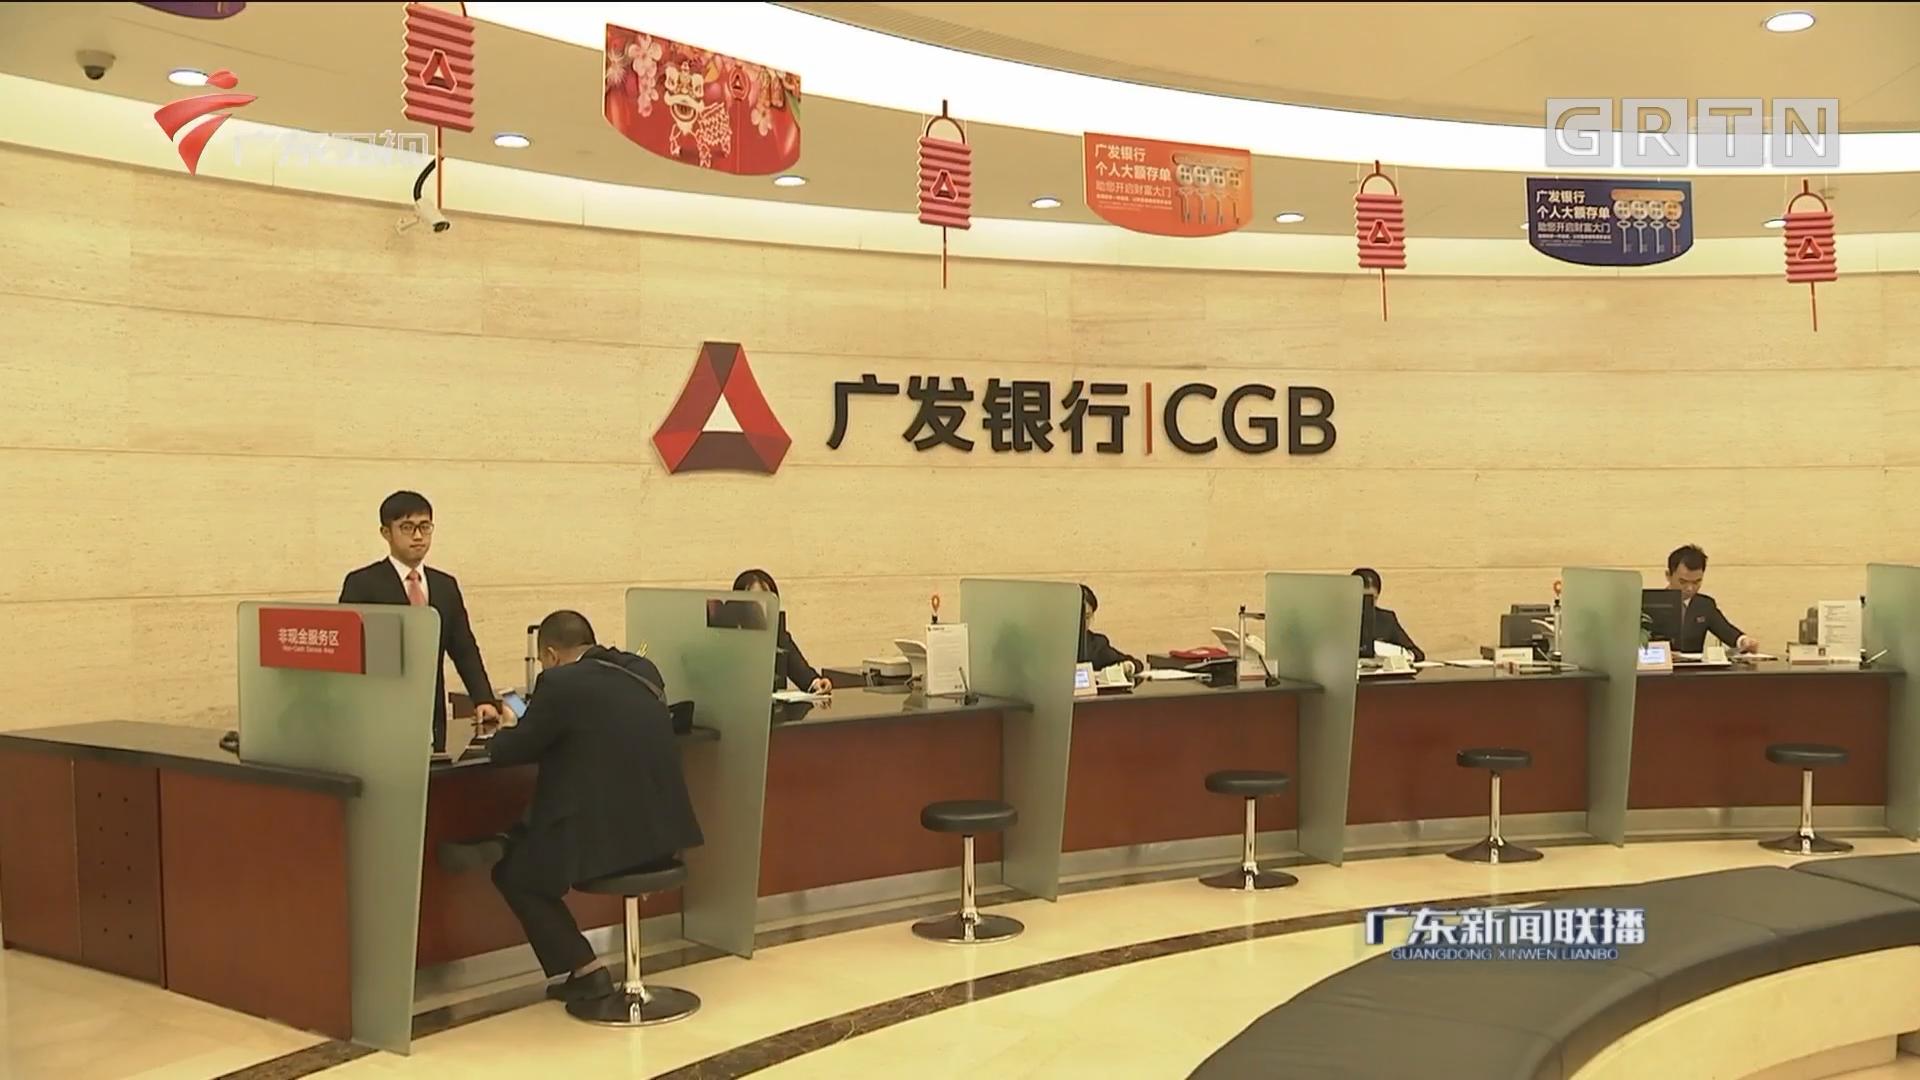 广东:持续推动金融改革创新 营造良好开放金融生态环境